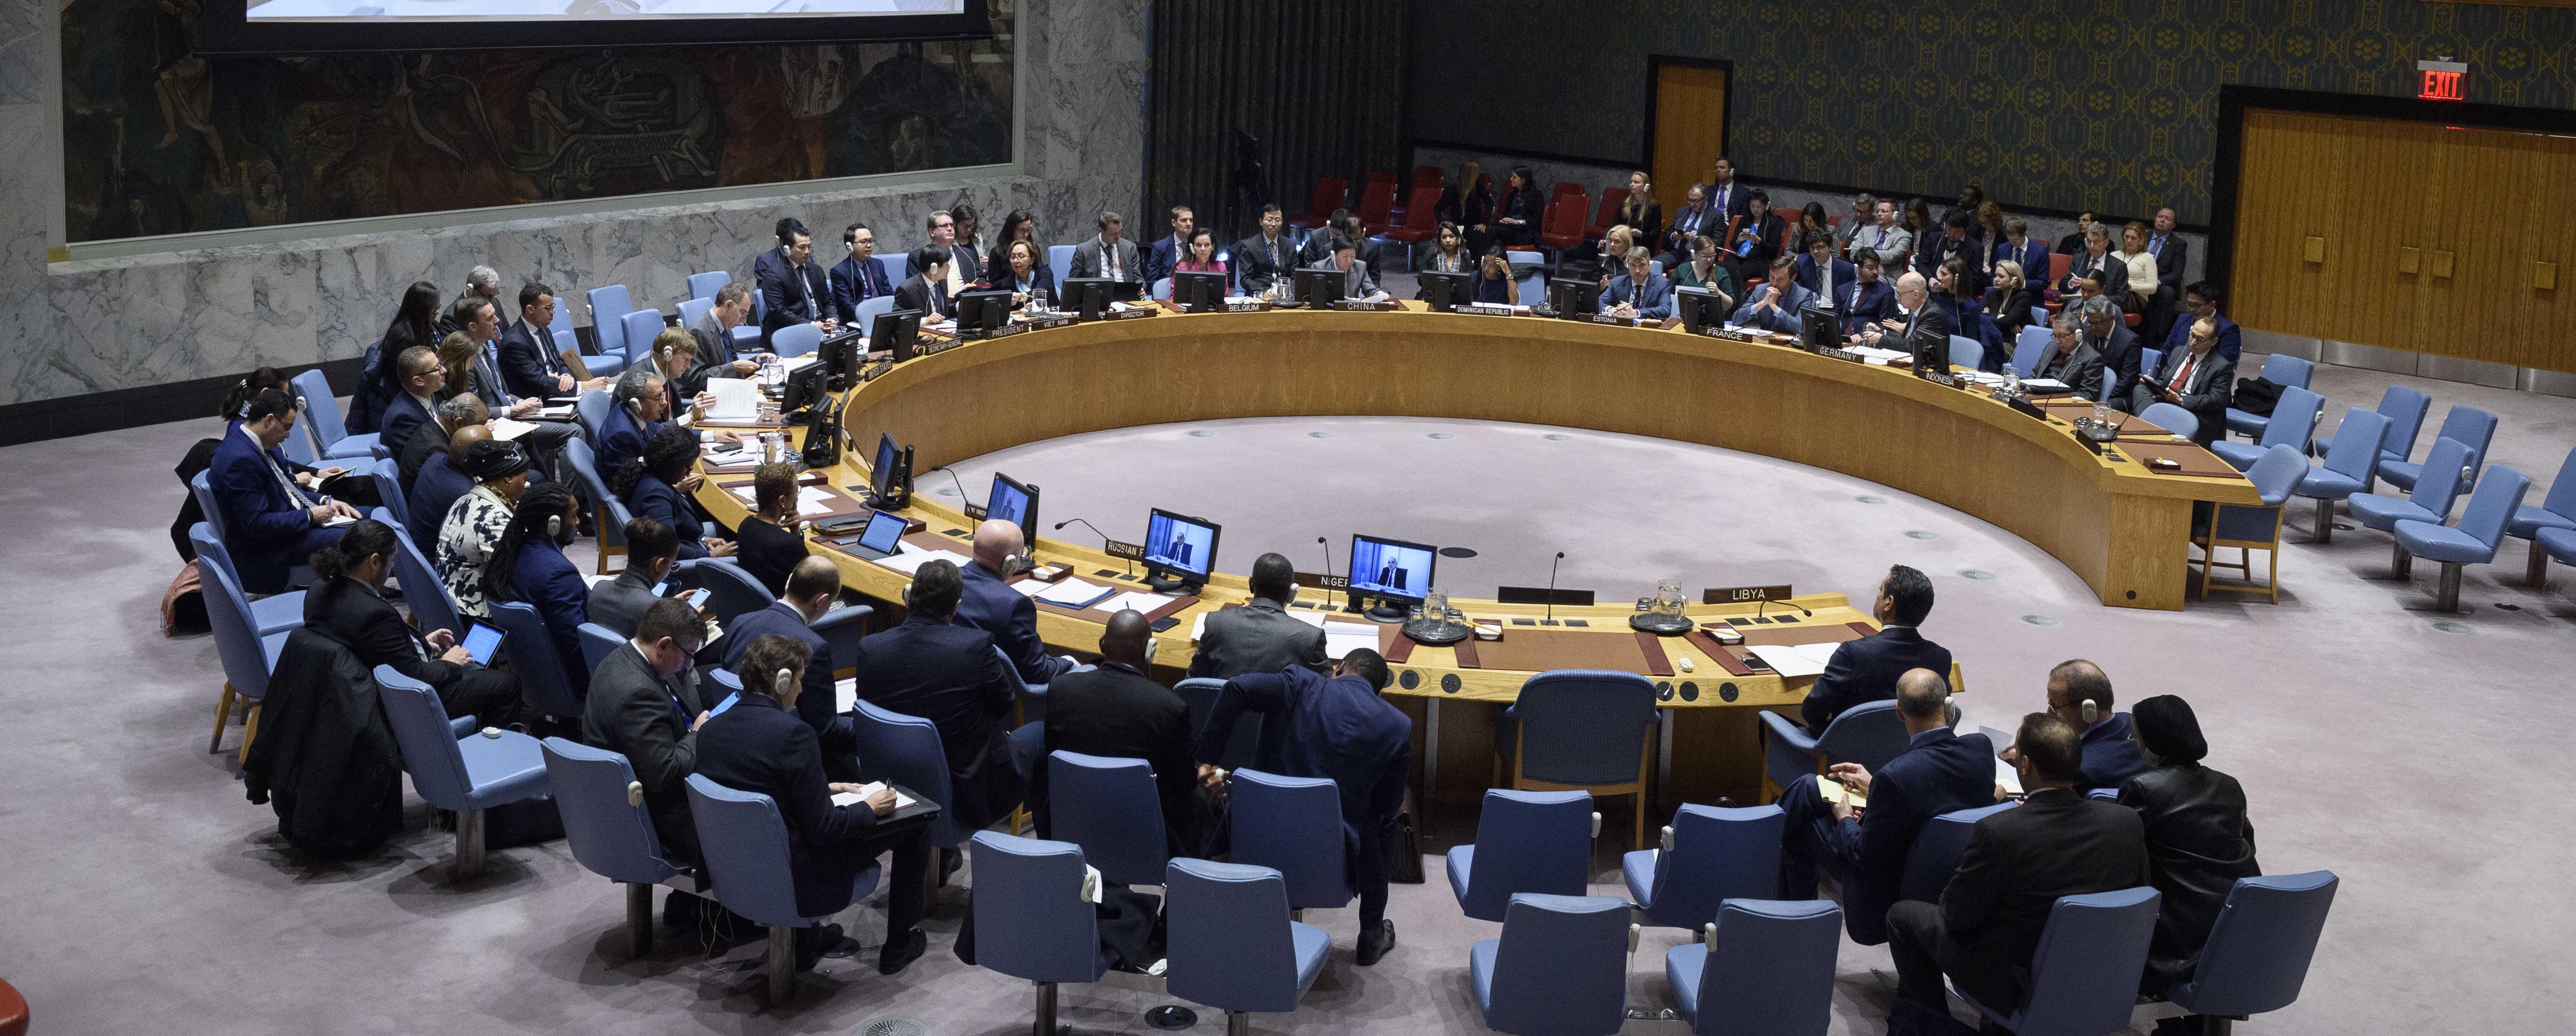 UN Security Council Calls for Exit of Mercenaries from Libya